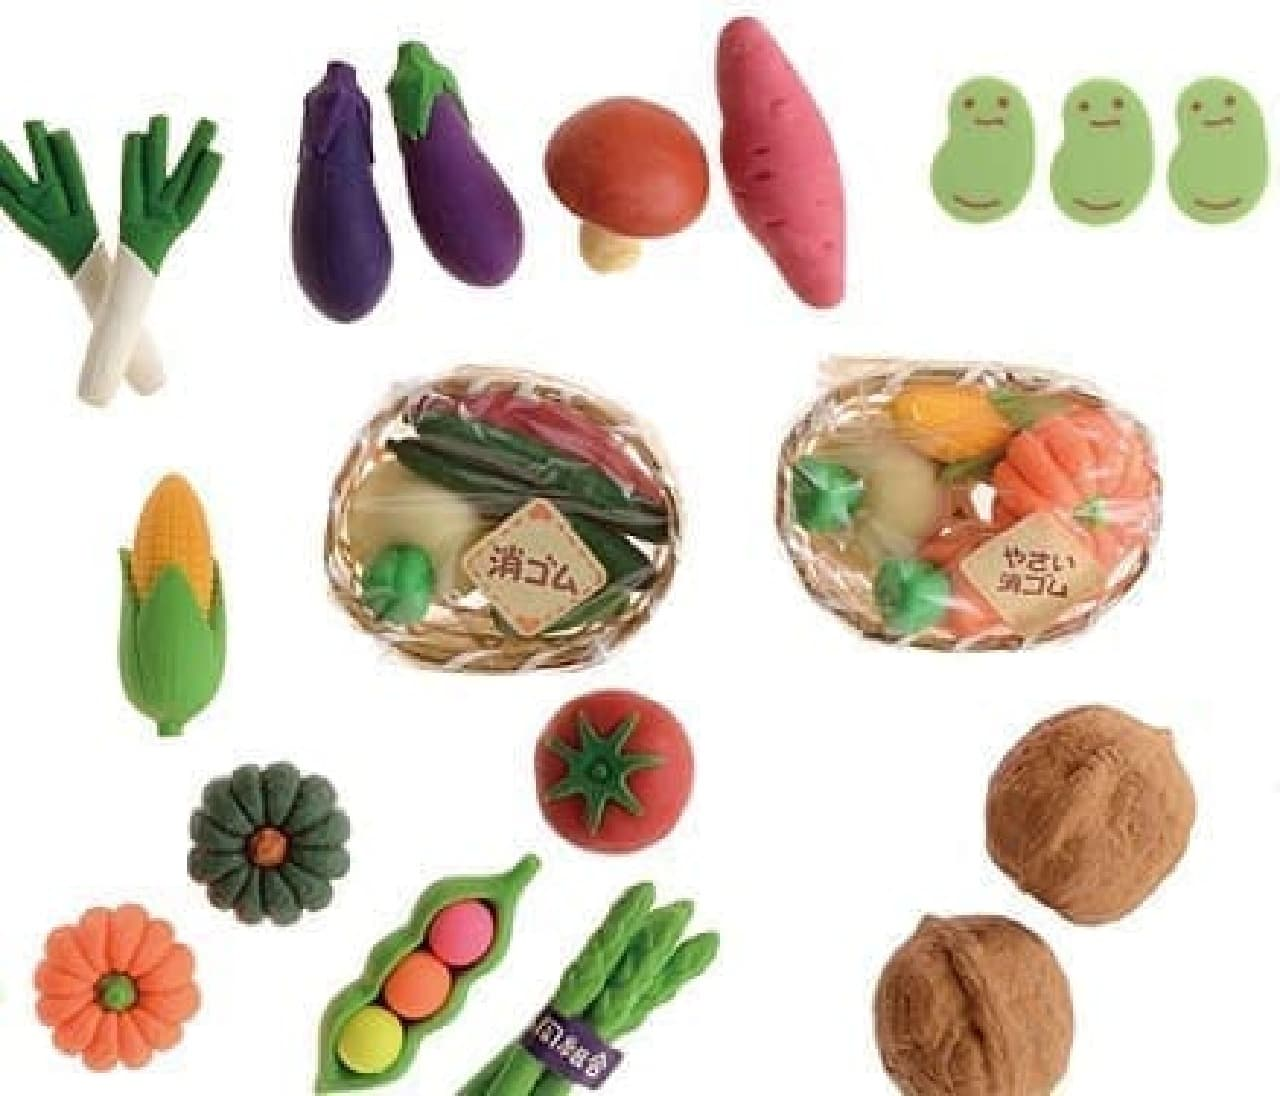 こちらは「野菜」をテーマに集められた消しゴムたち  アスパラに巻かれた農協シールがリアル?